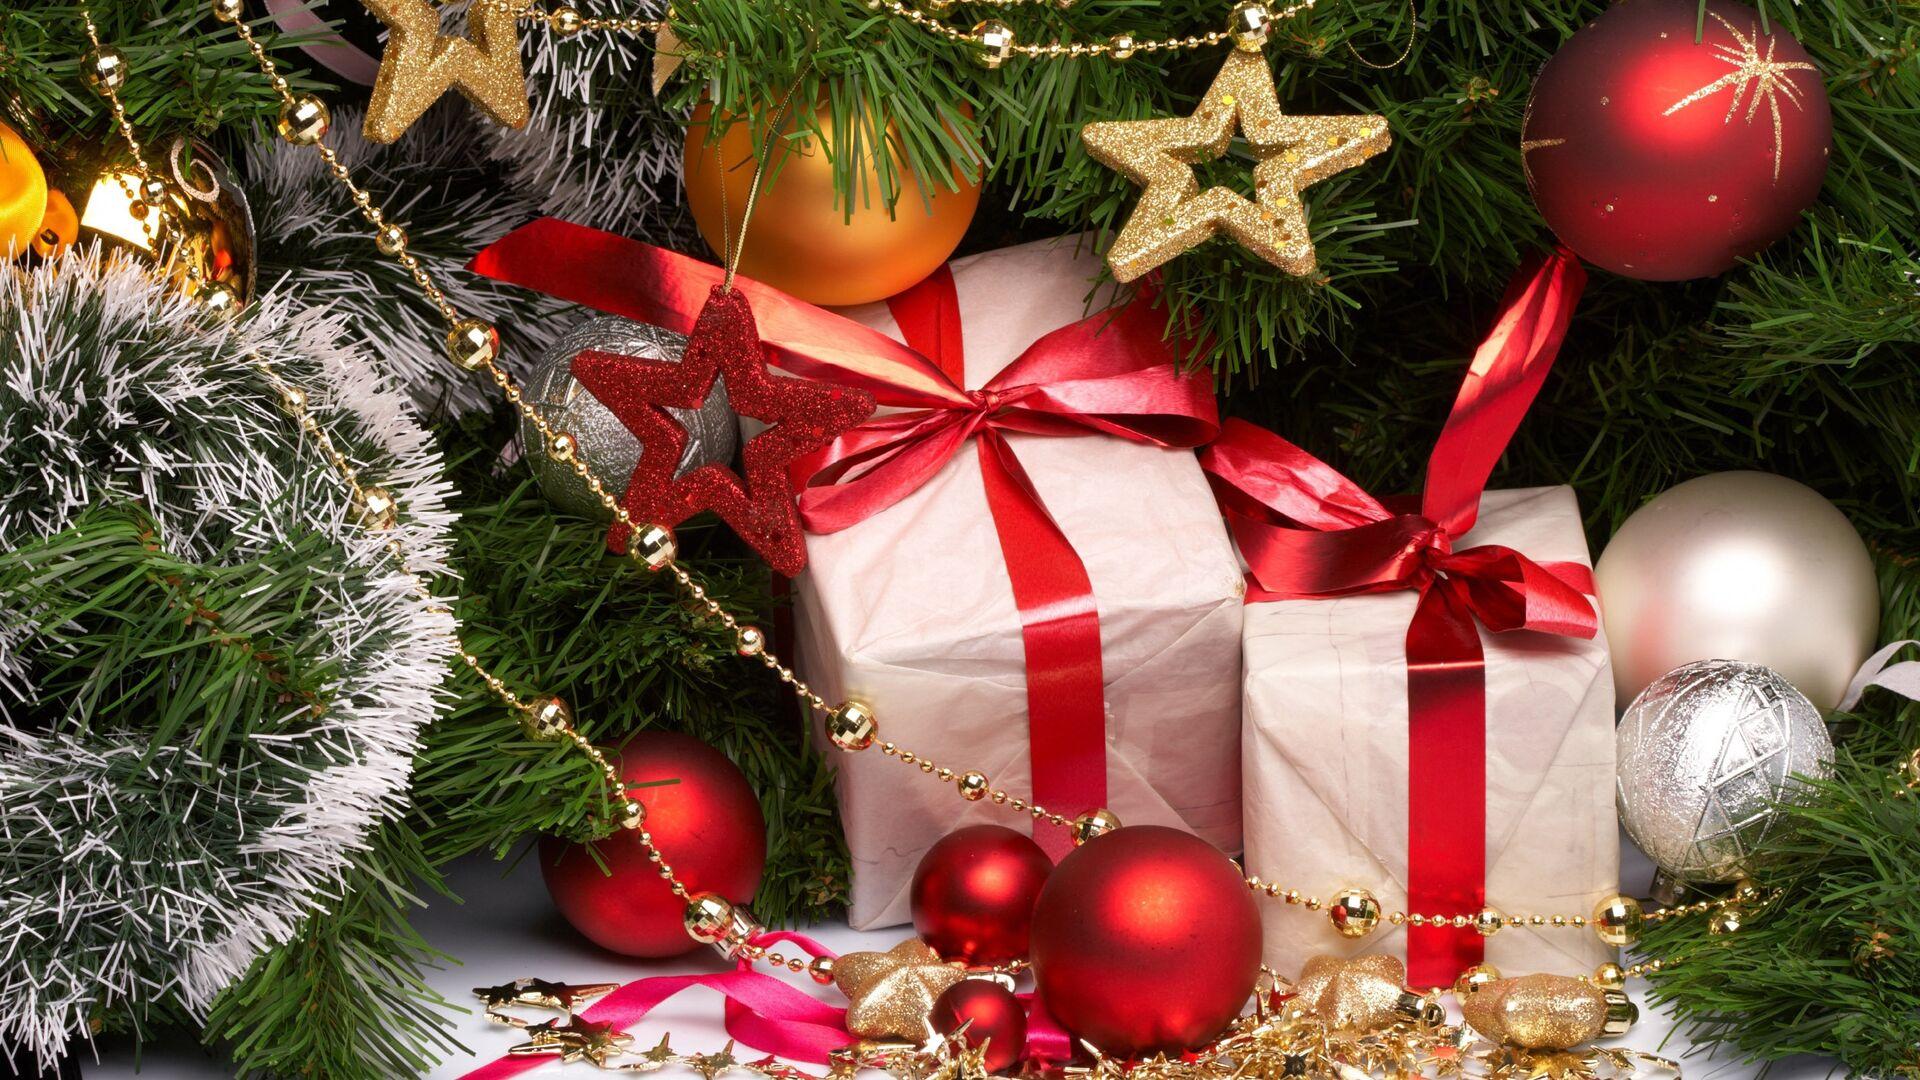 Юрист рассказала, как вернуть в магазин ненужные новогодние подарки